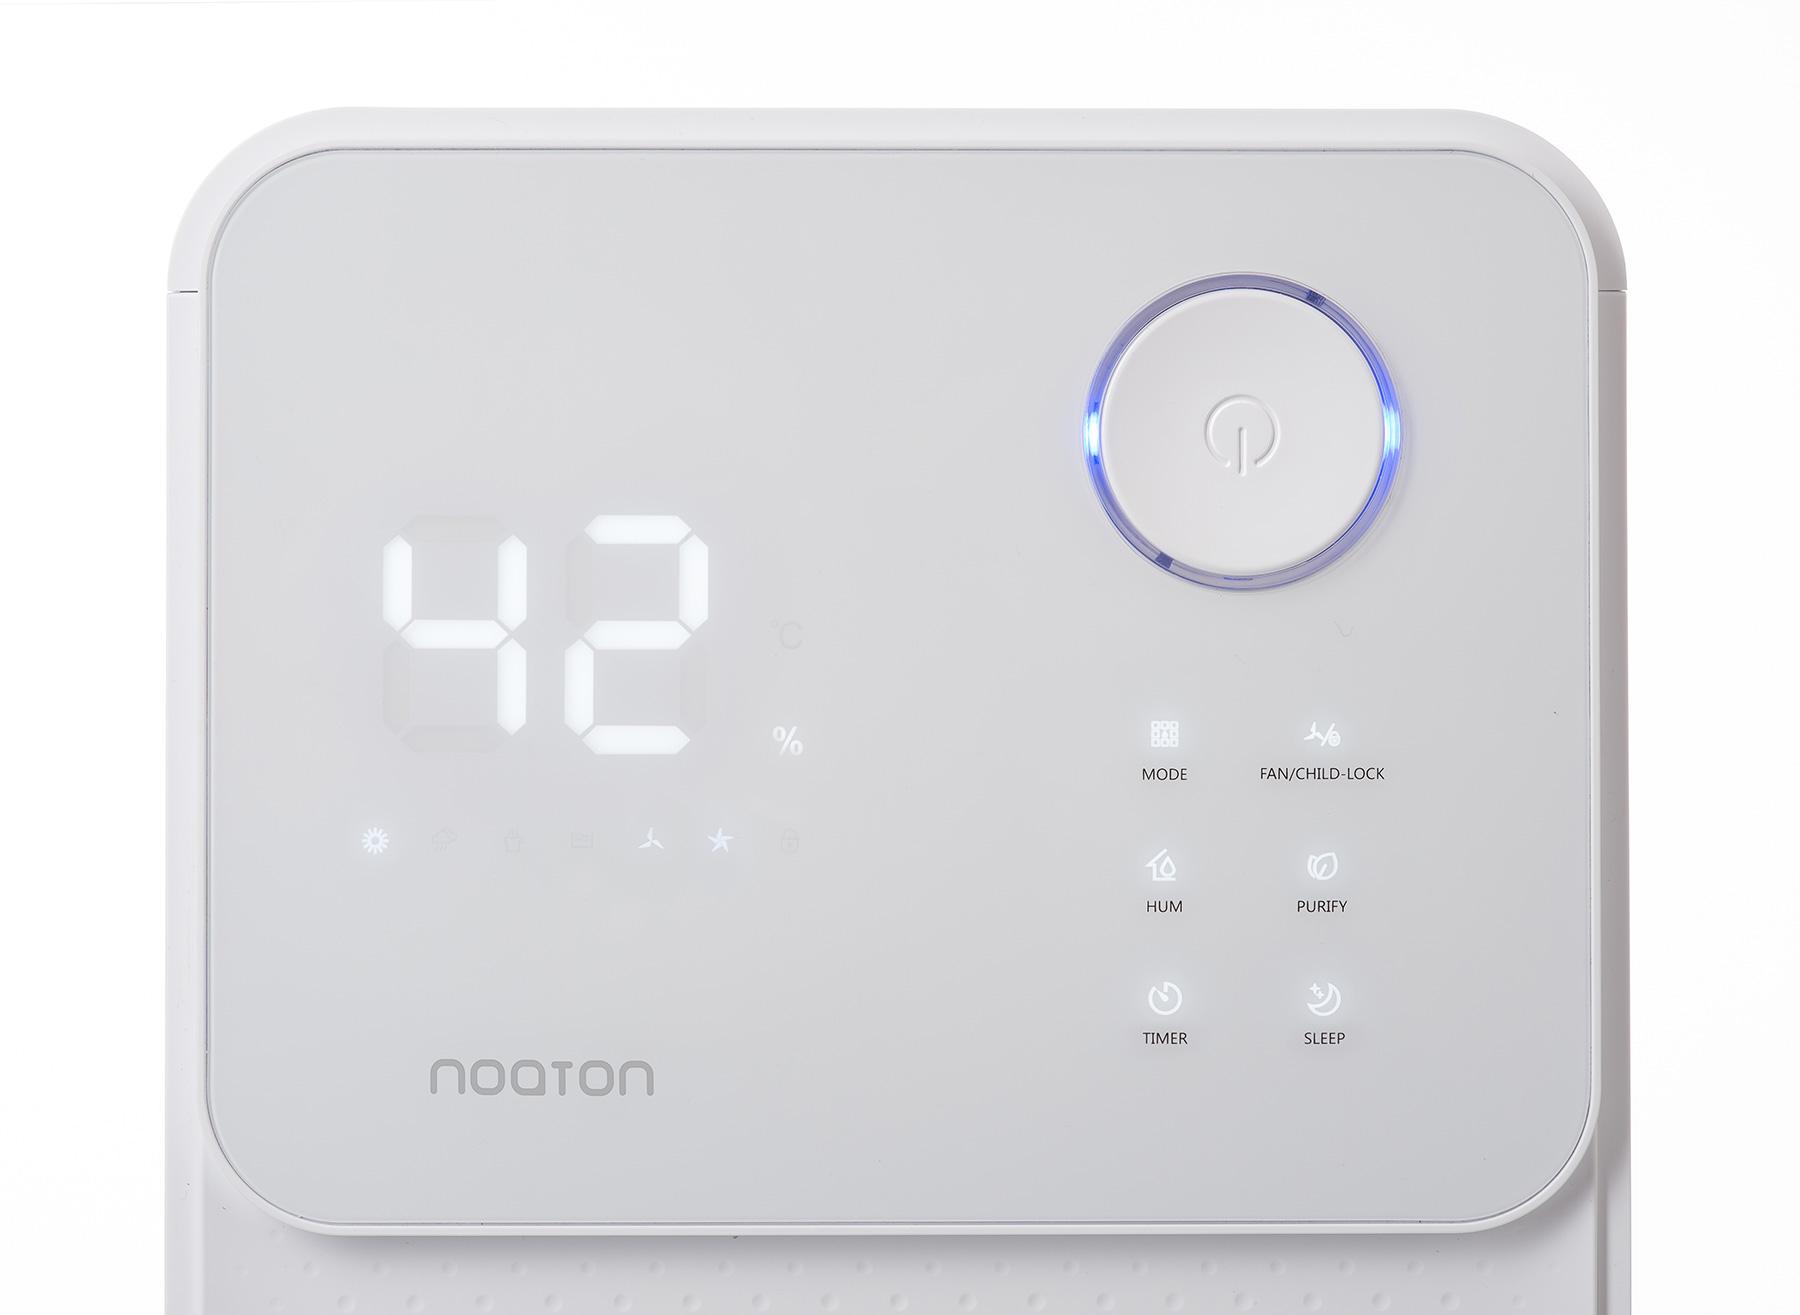 Luftentfeuchter & Luftreiniger Noaton DF 4114 - die Display